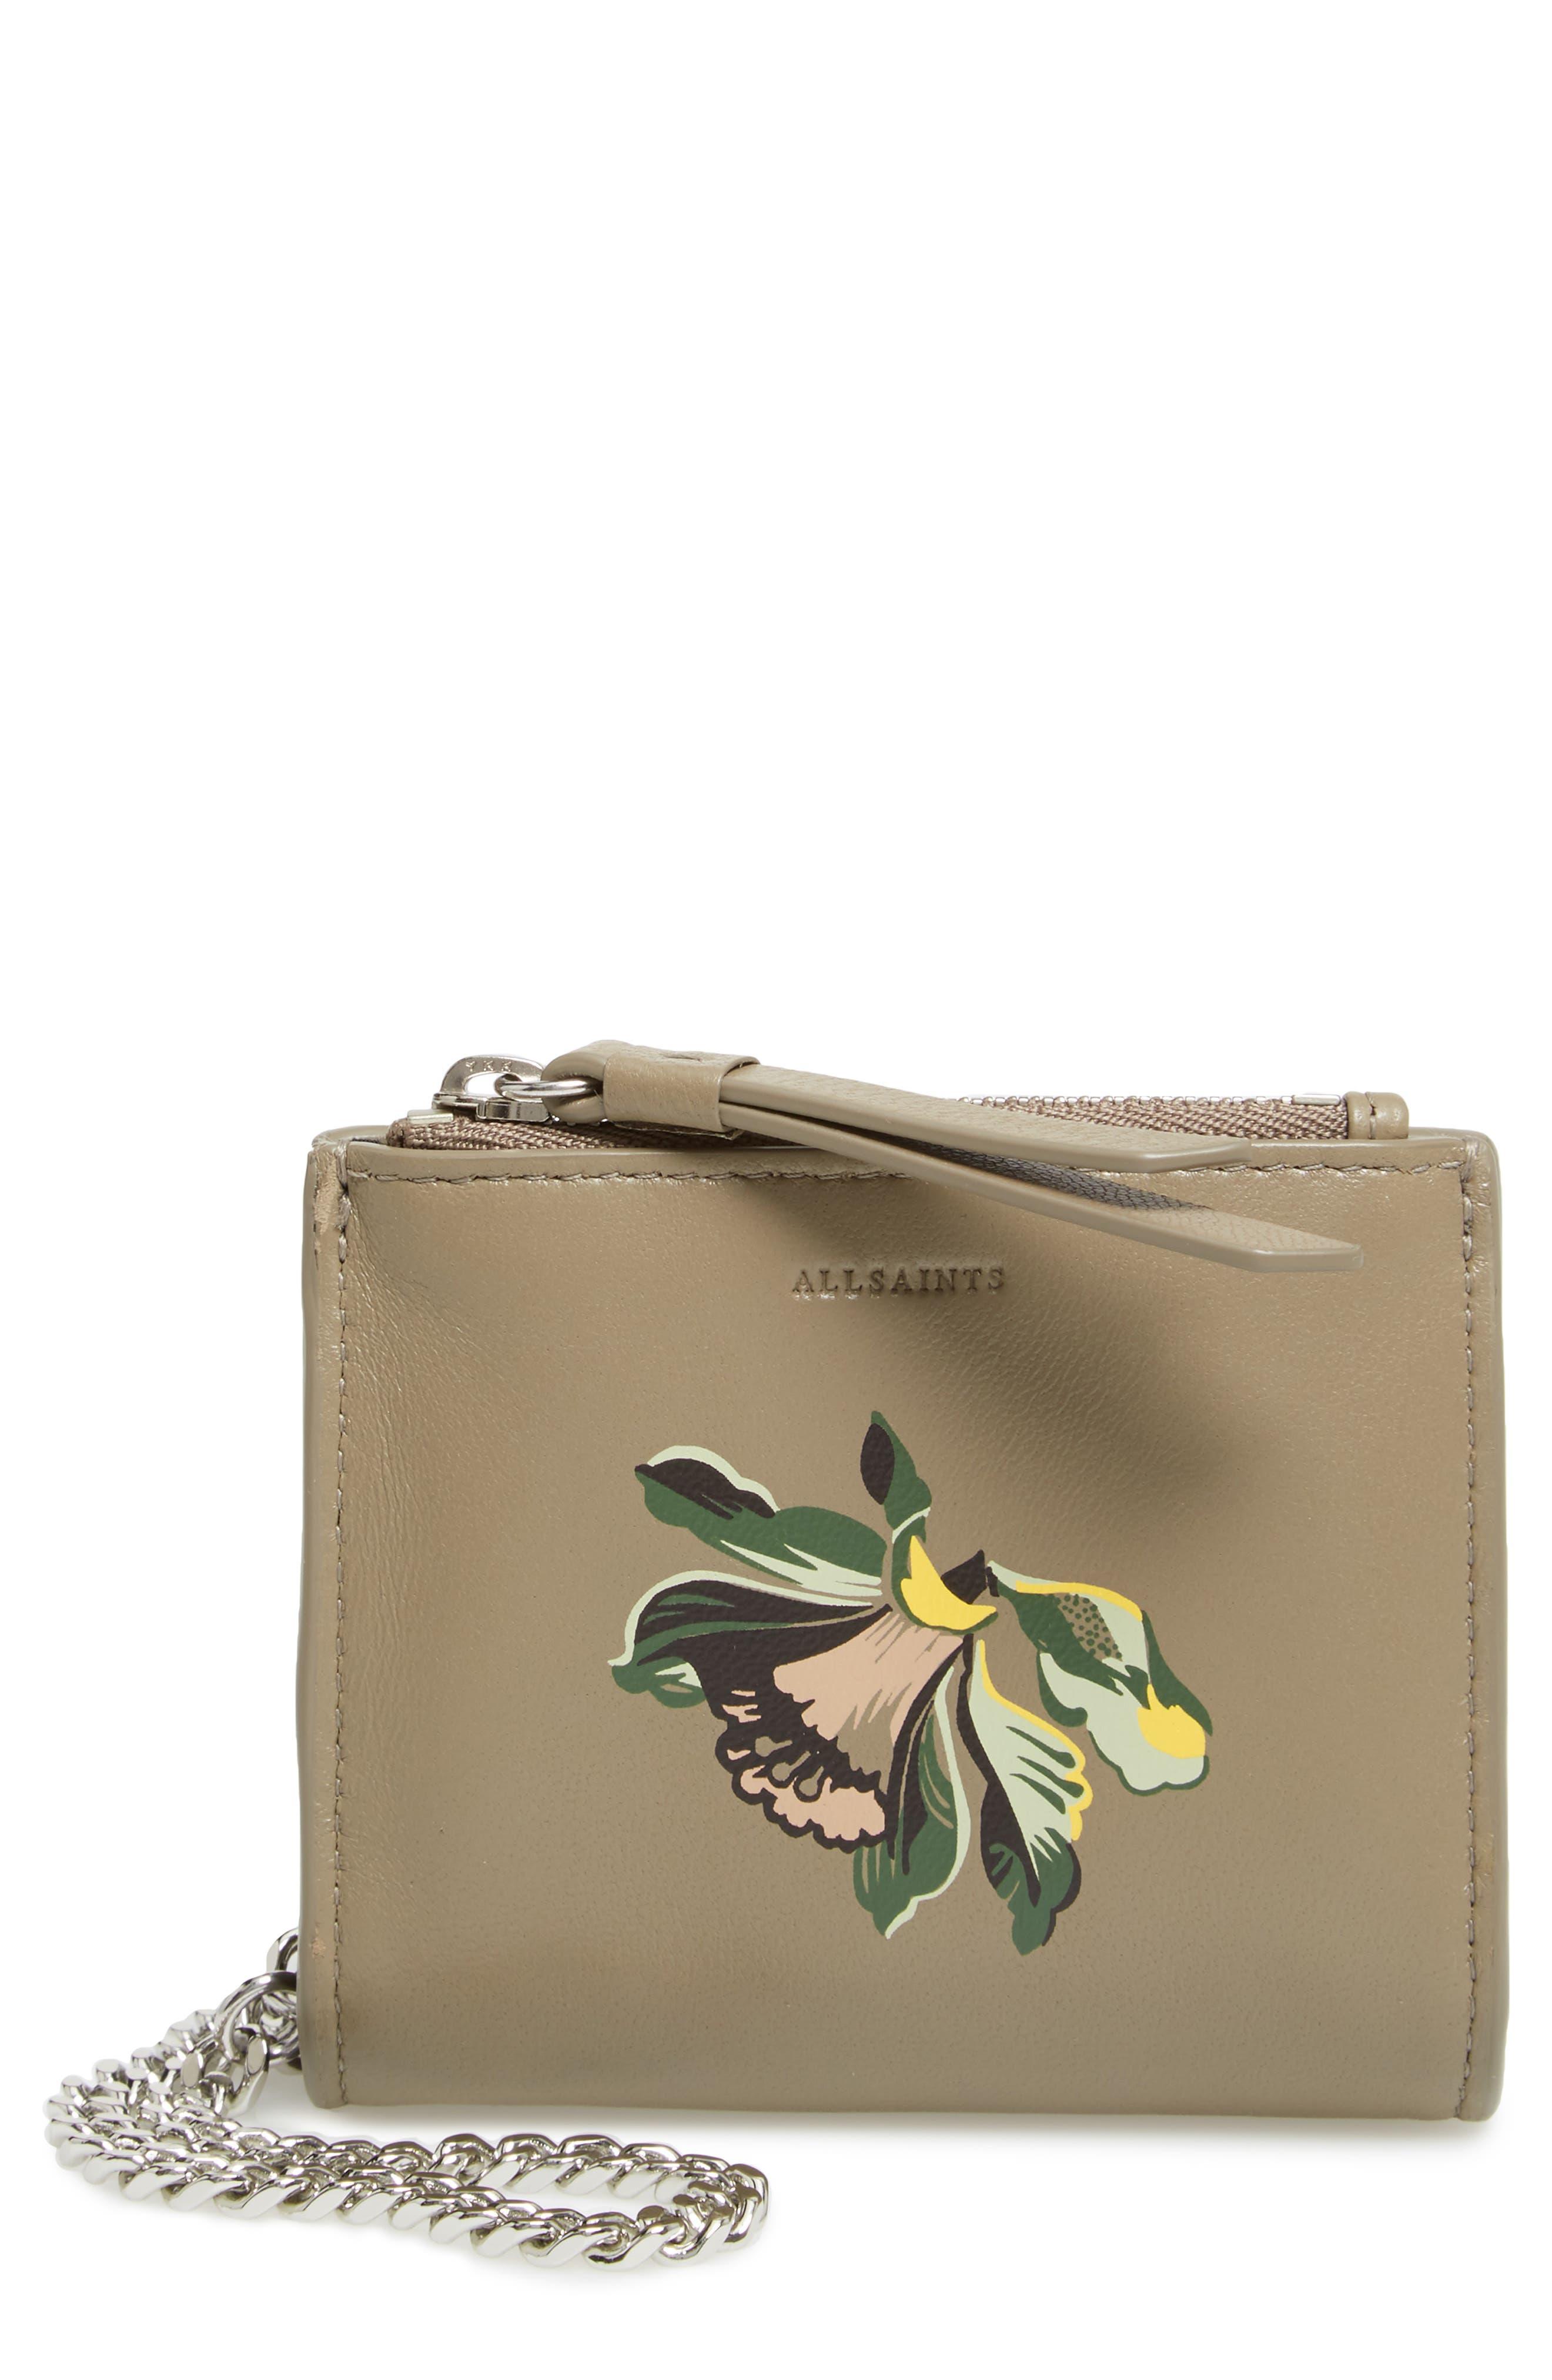 ALLSAINTS Flora Leather Crossbody Wallet